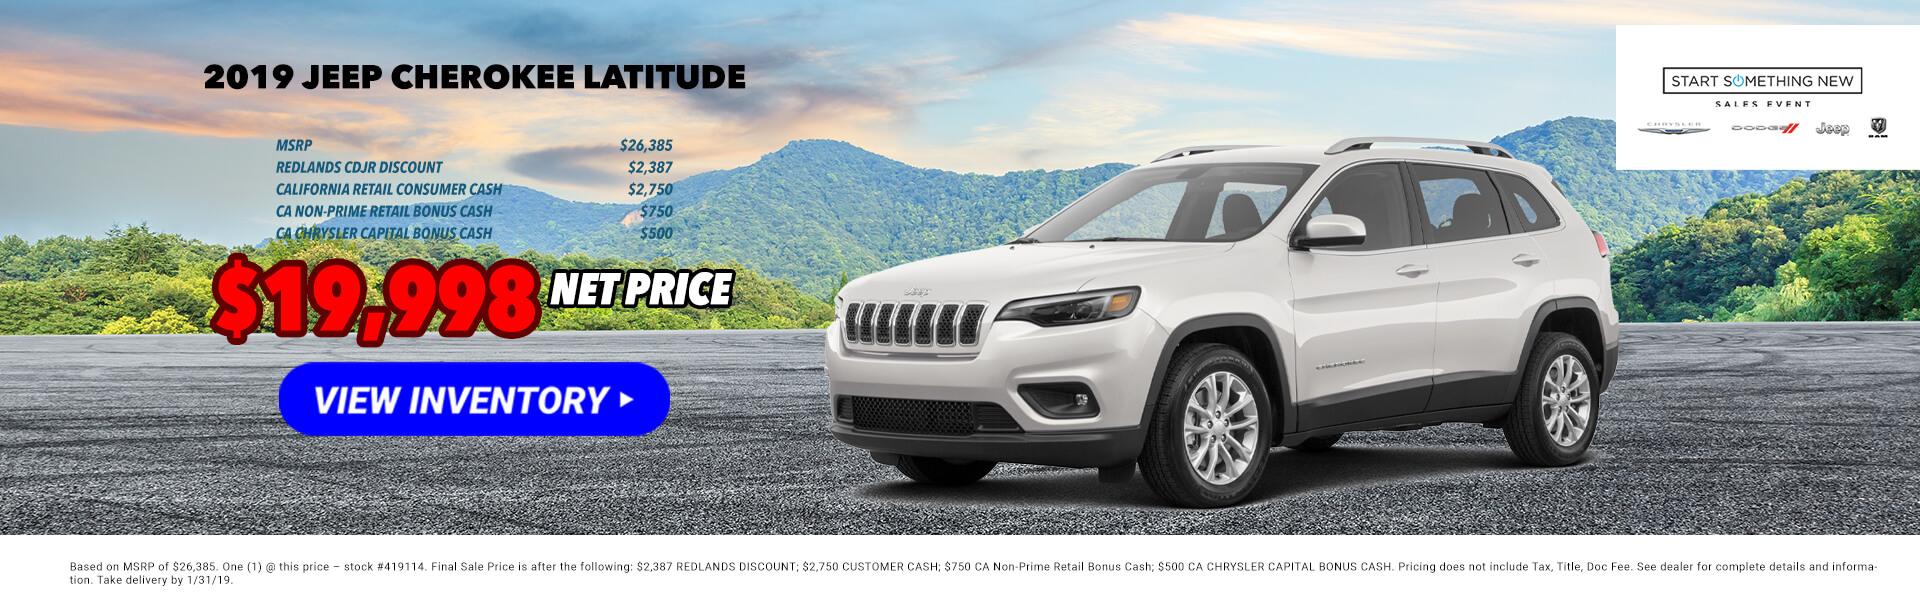 2019 Jeep Cherokee 419114